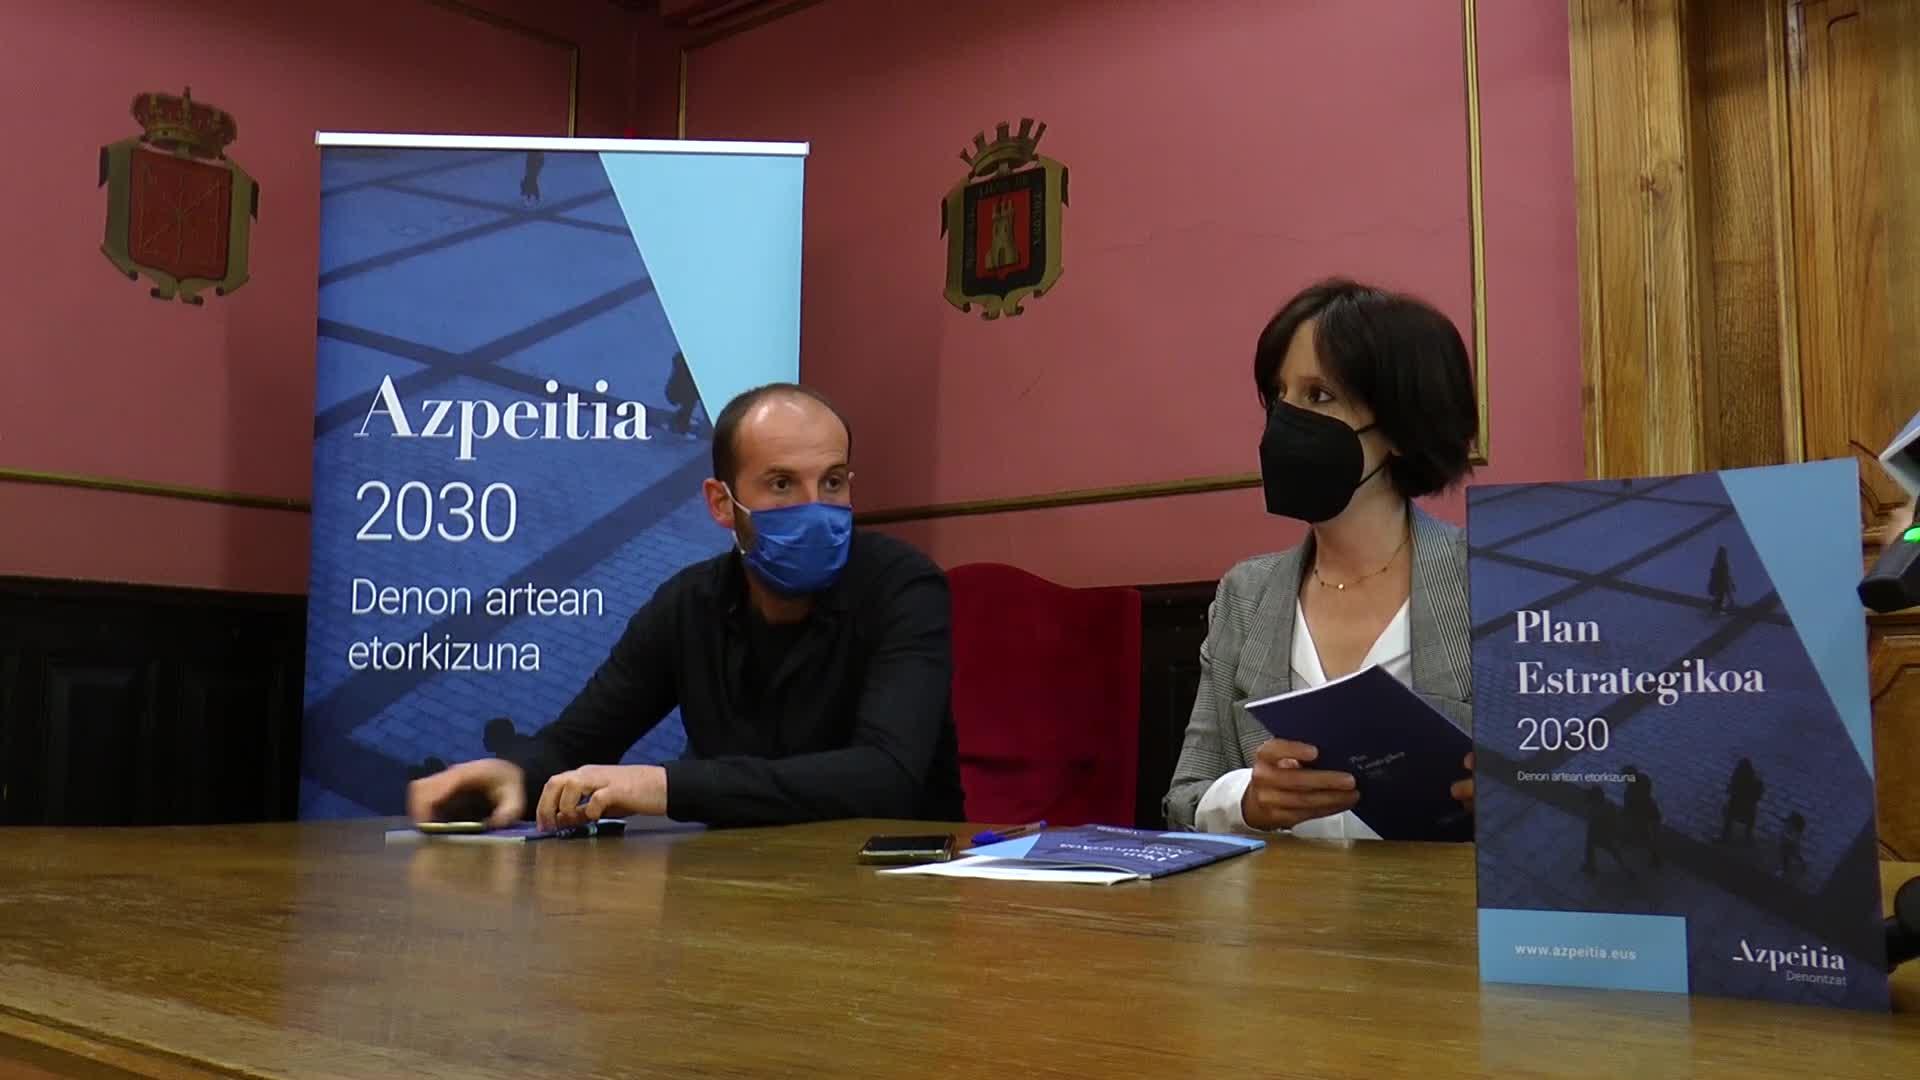 Azpeitiarren bizi kalitatea hobetzea helburu duen Azpeitia 2030 plan estrategikoa aurkeztu du udalak